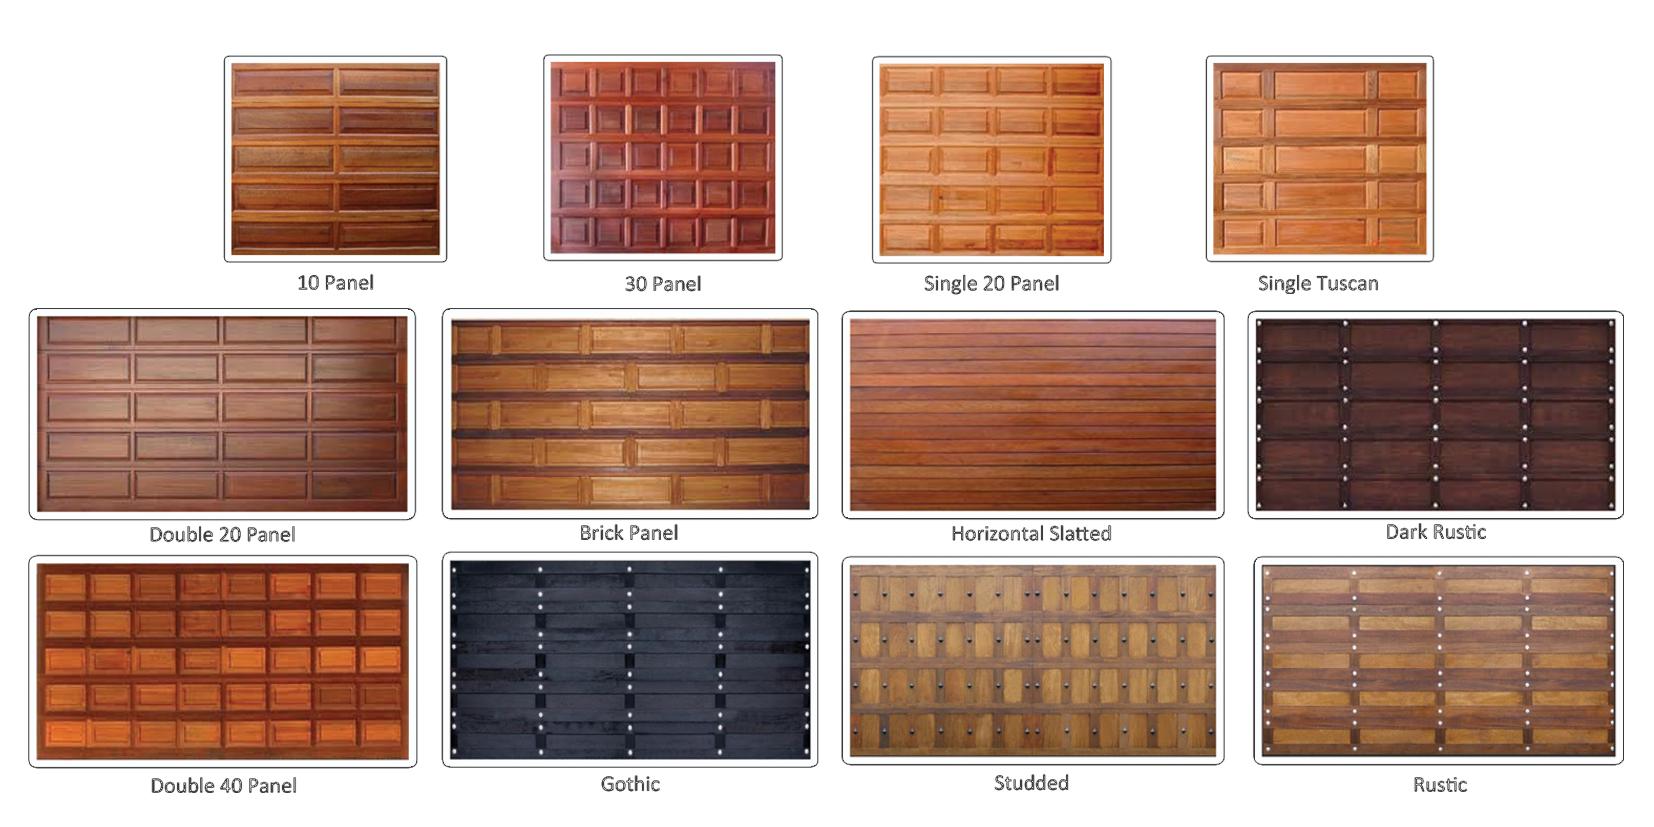 554 House Of Doors Garage Door Motor Repairs 063 285 6120 Berario